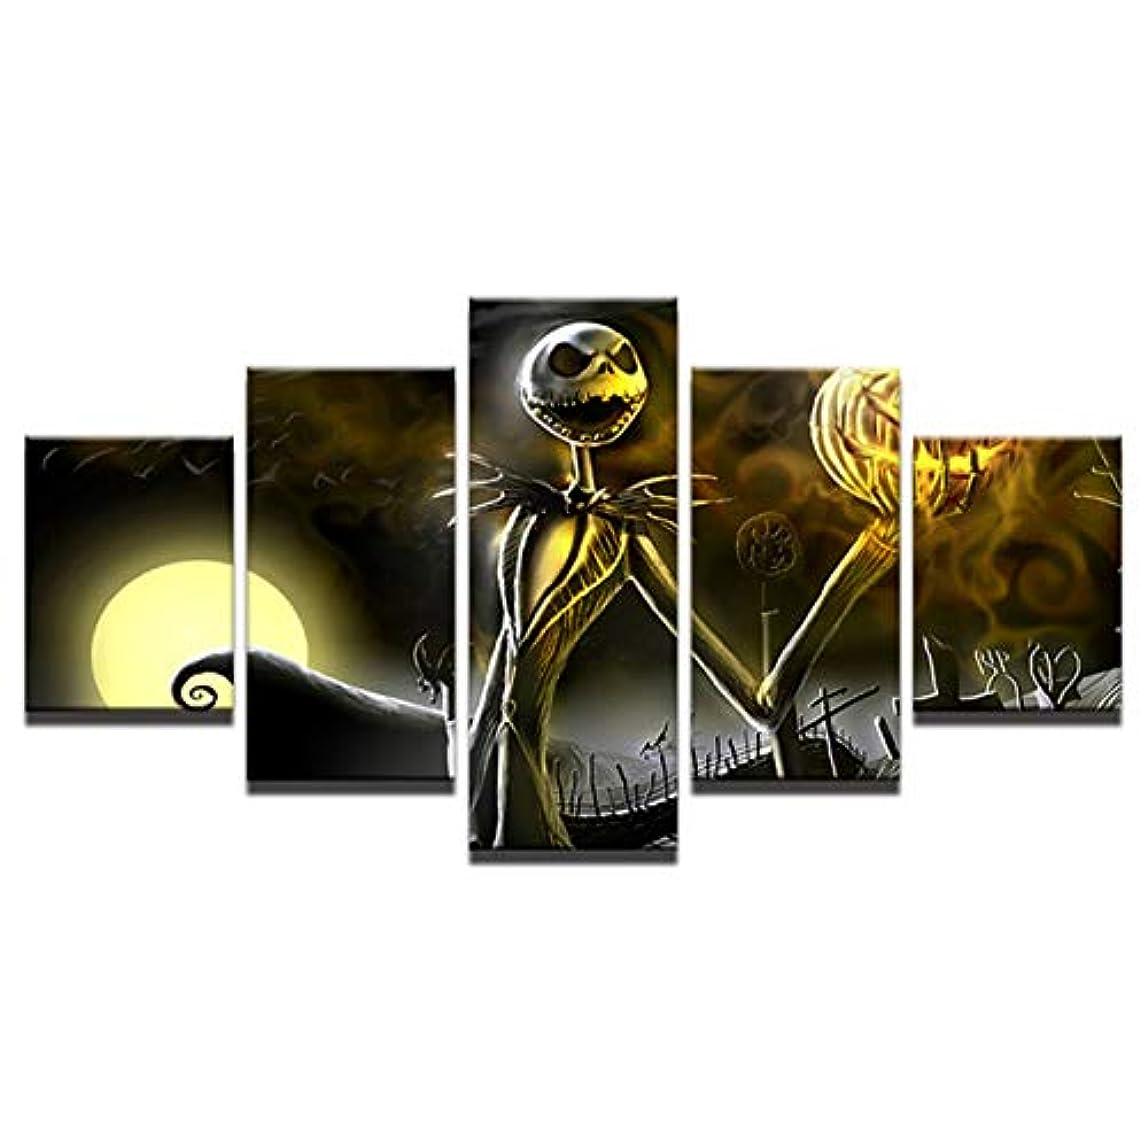 スーツ資格情報アストロラーベSaikogoods レトロジャック?スケリントン絵画モジュラーキャンバスウォールアート写真5つのHallowmasホームデコレーション 多色 10×15cm×2個10×20cm×2個10×2